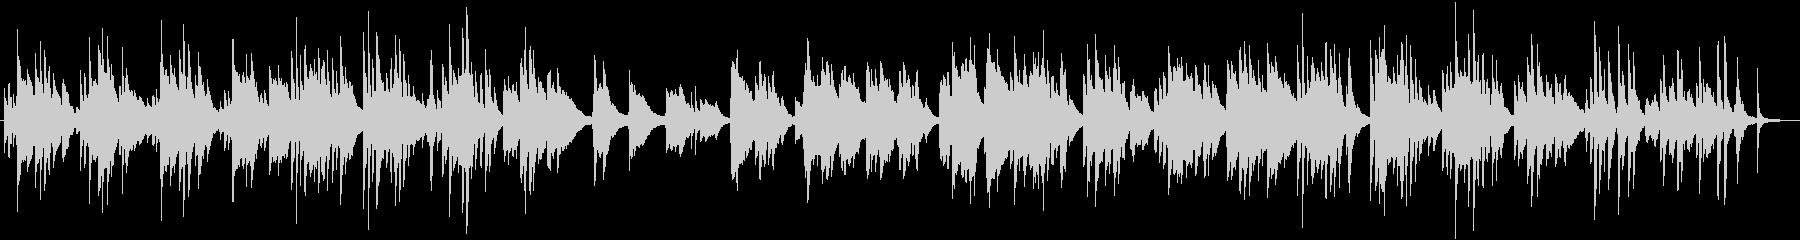 ピアノソロ ダニーボーイ 童謡 癒し系の未再生の波形